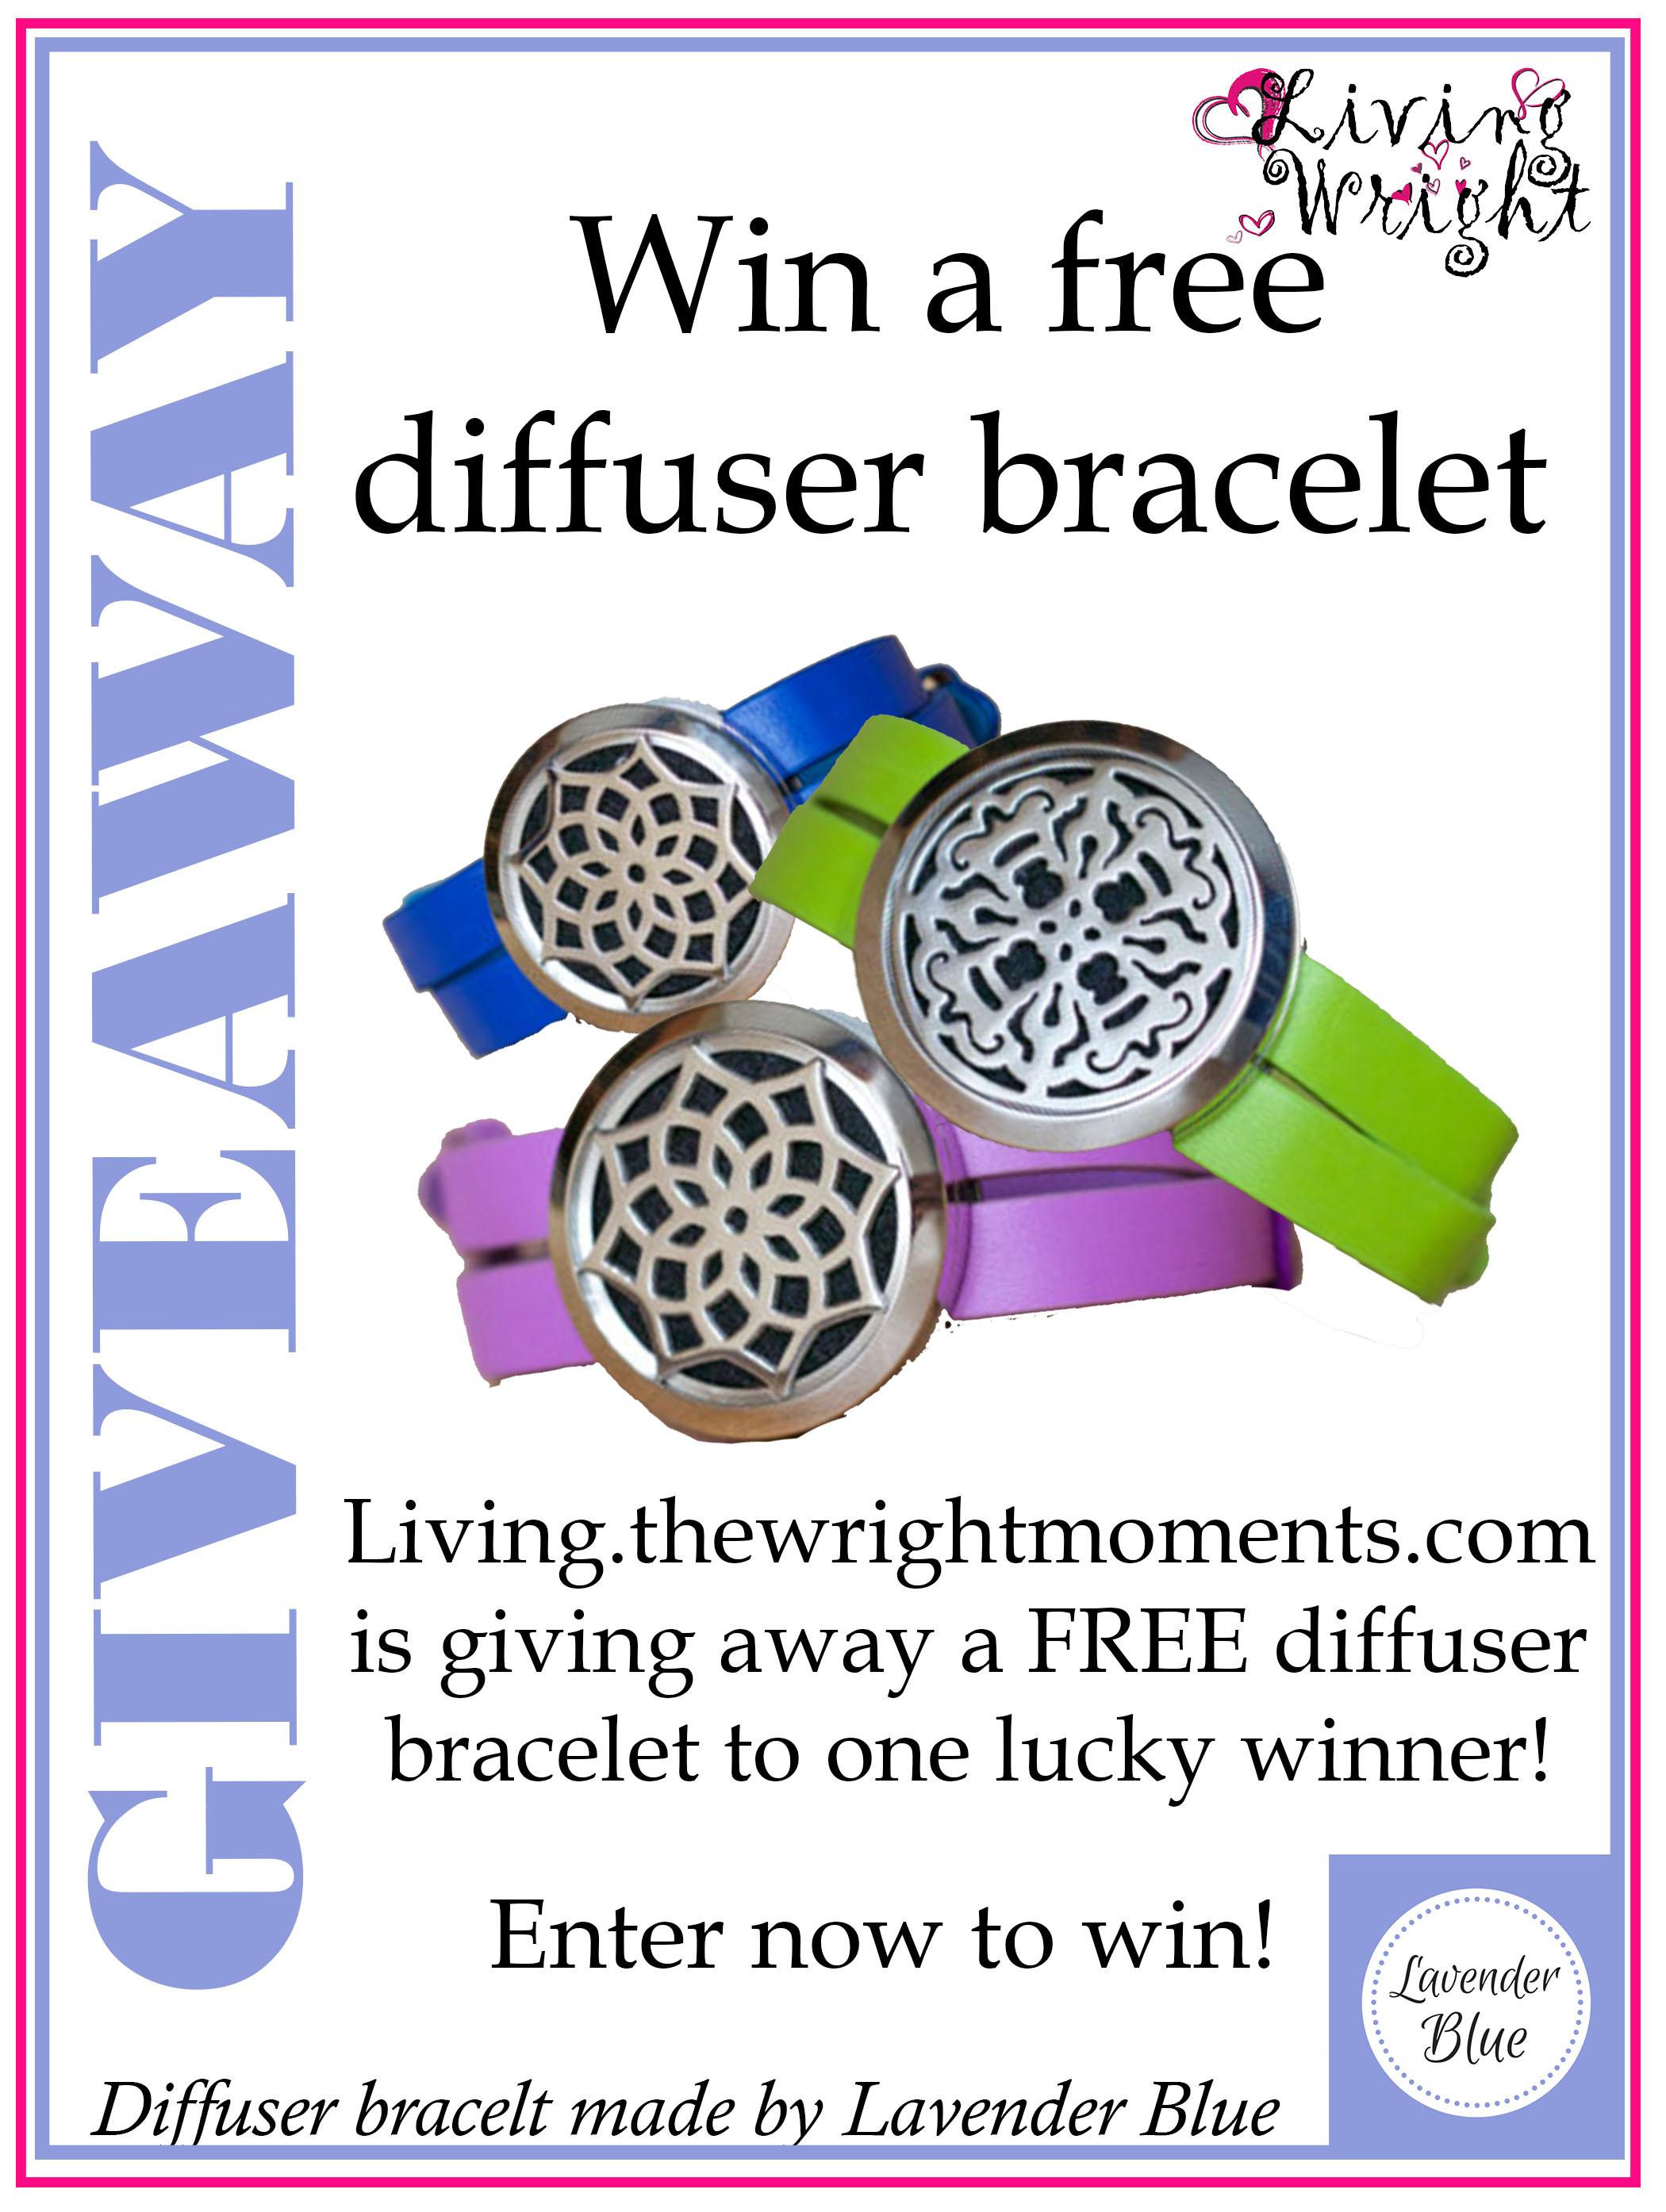 diffuser bracelet giveaway